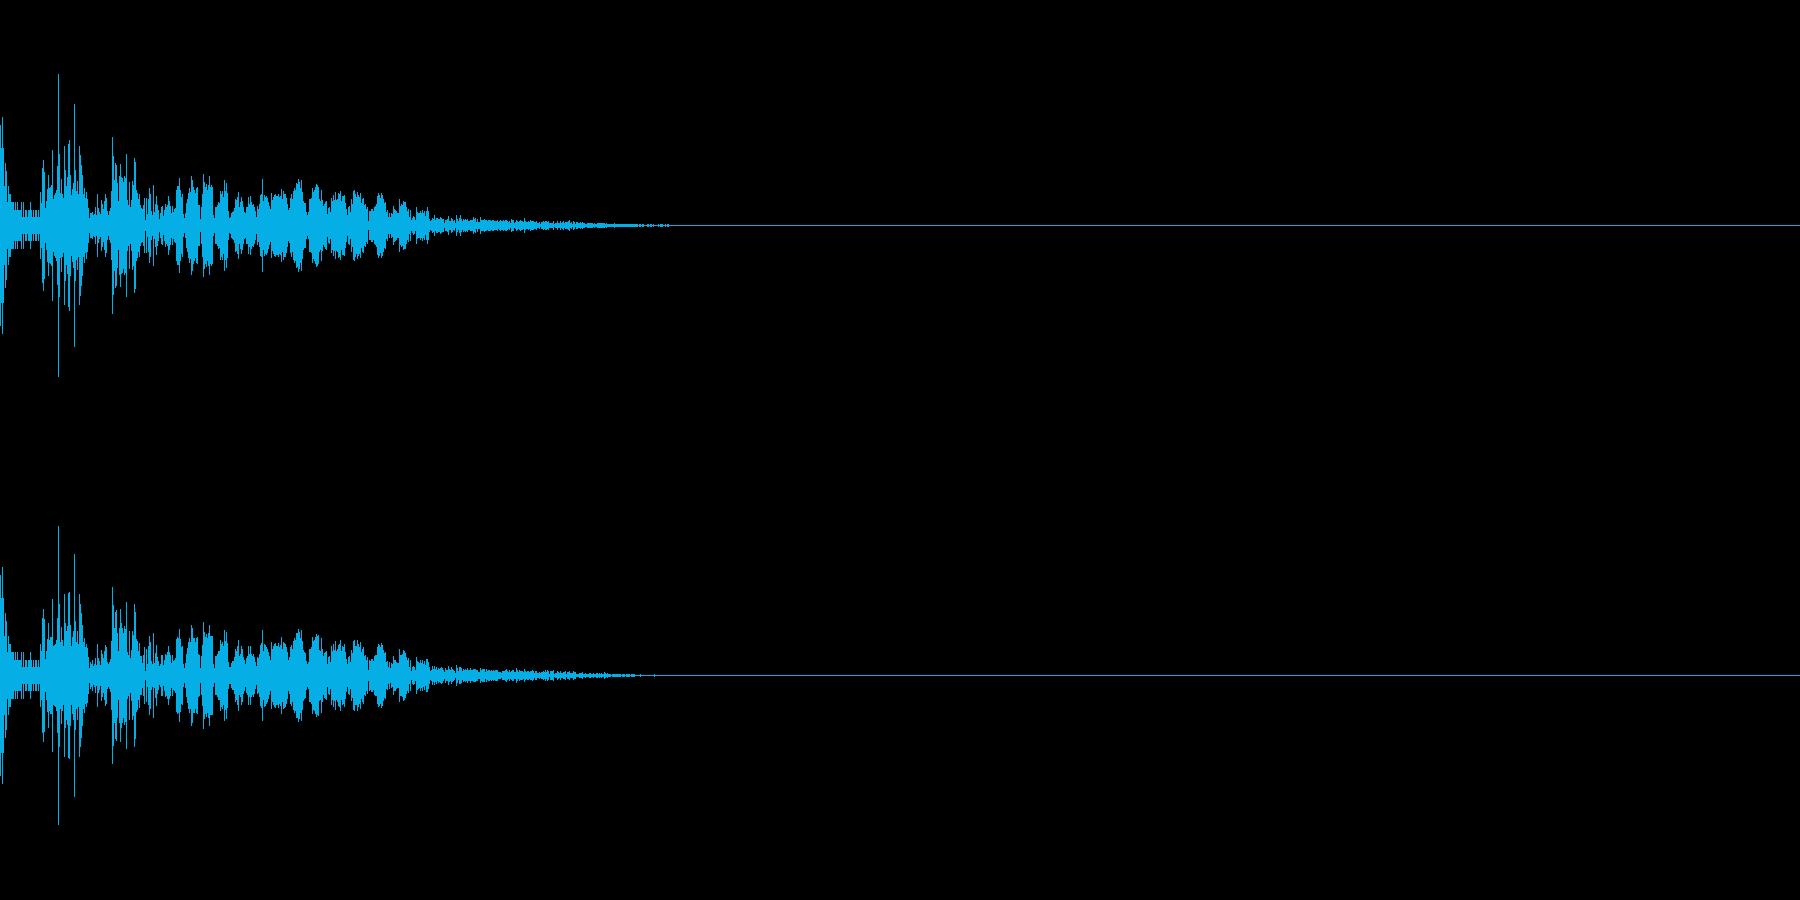 ドン ドシャ 打撃音 物理攻撃 衝撃の再生済みの波形